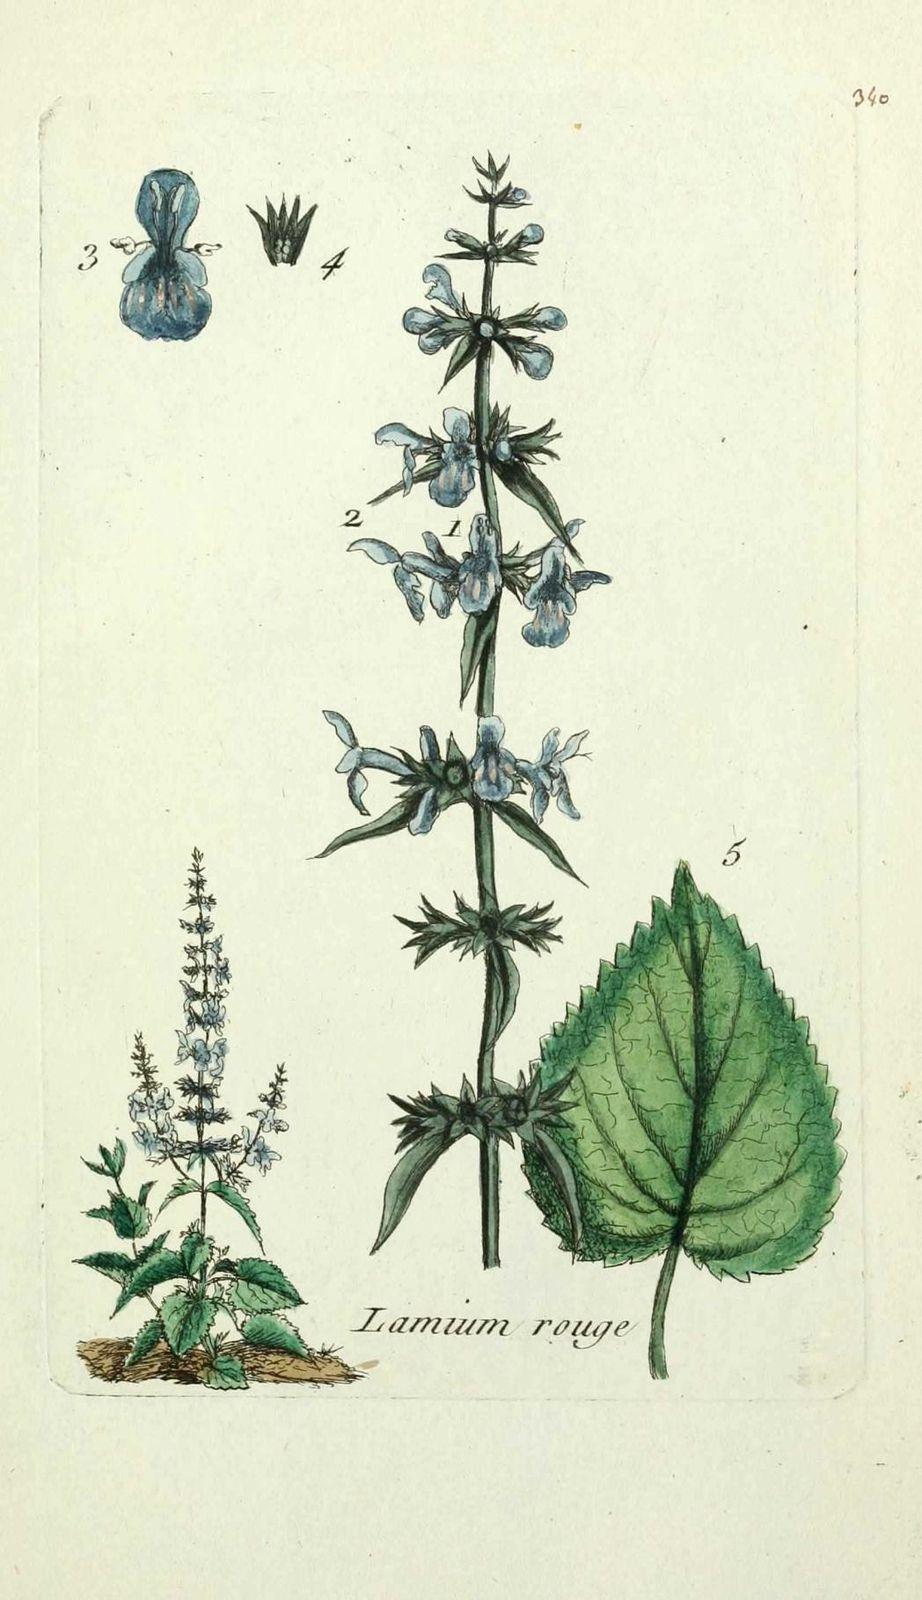 lamium rouge - stachys sylvatica ( ortie rouge, archangeliq